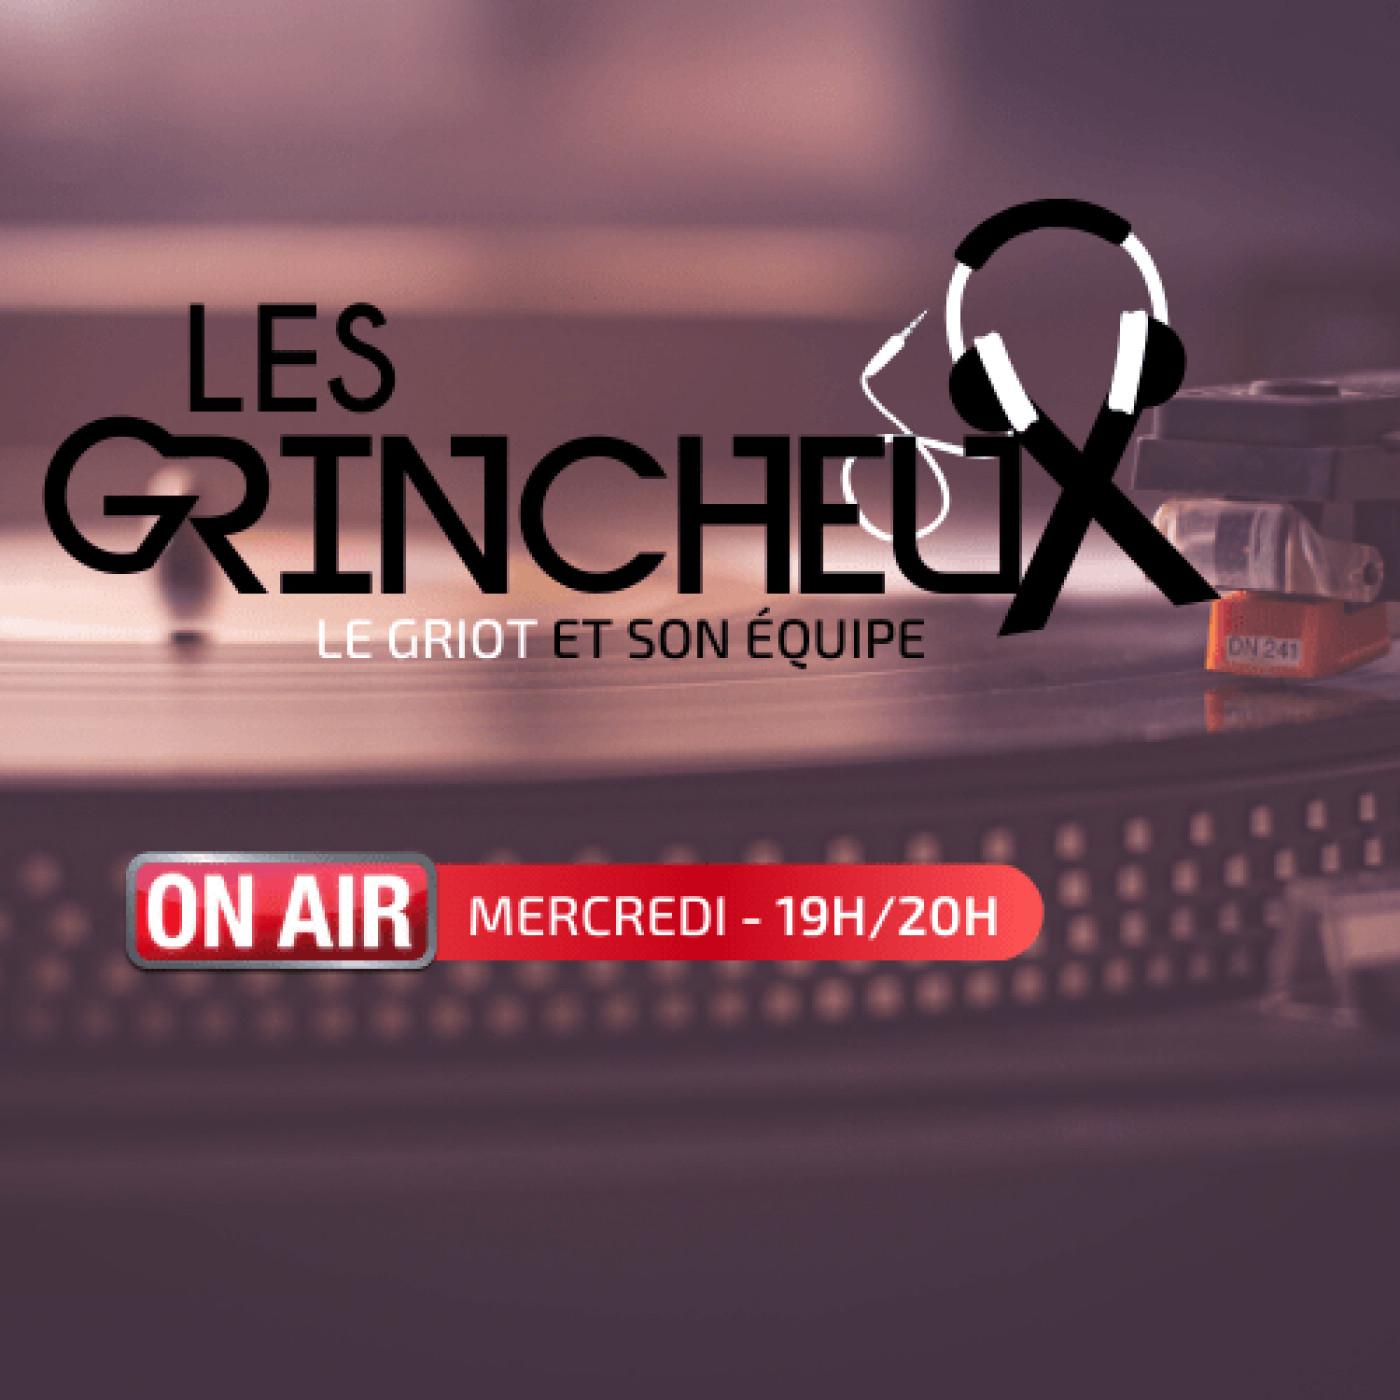 Les Grincheux (Le Griot et son équipe) (22/01/20)